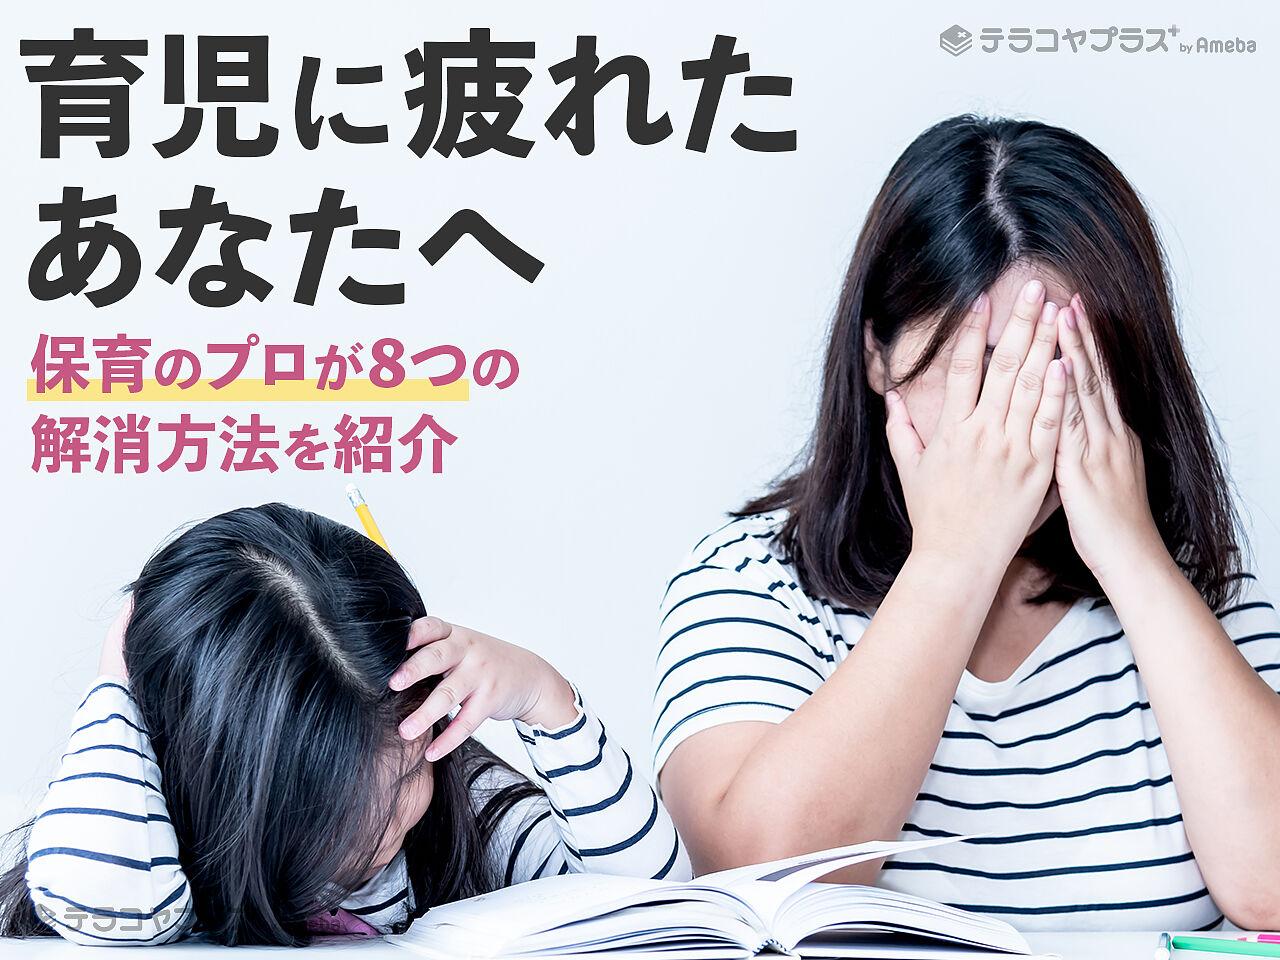 育児に疲れたあなたへ|保育のプロが8つの解消方法を紹介の画像